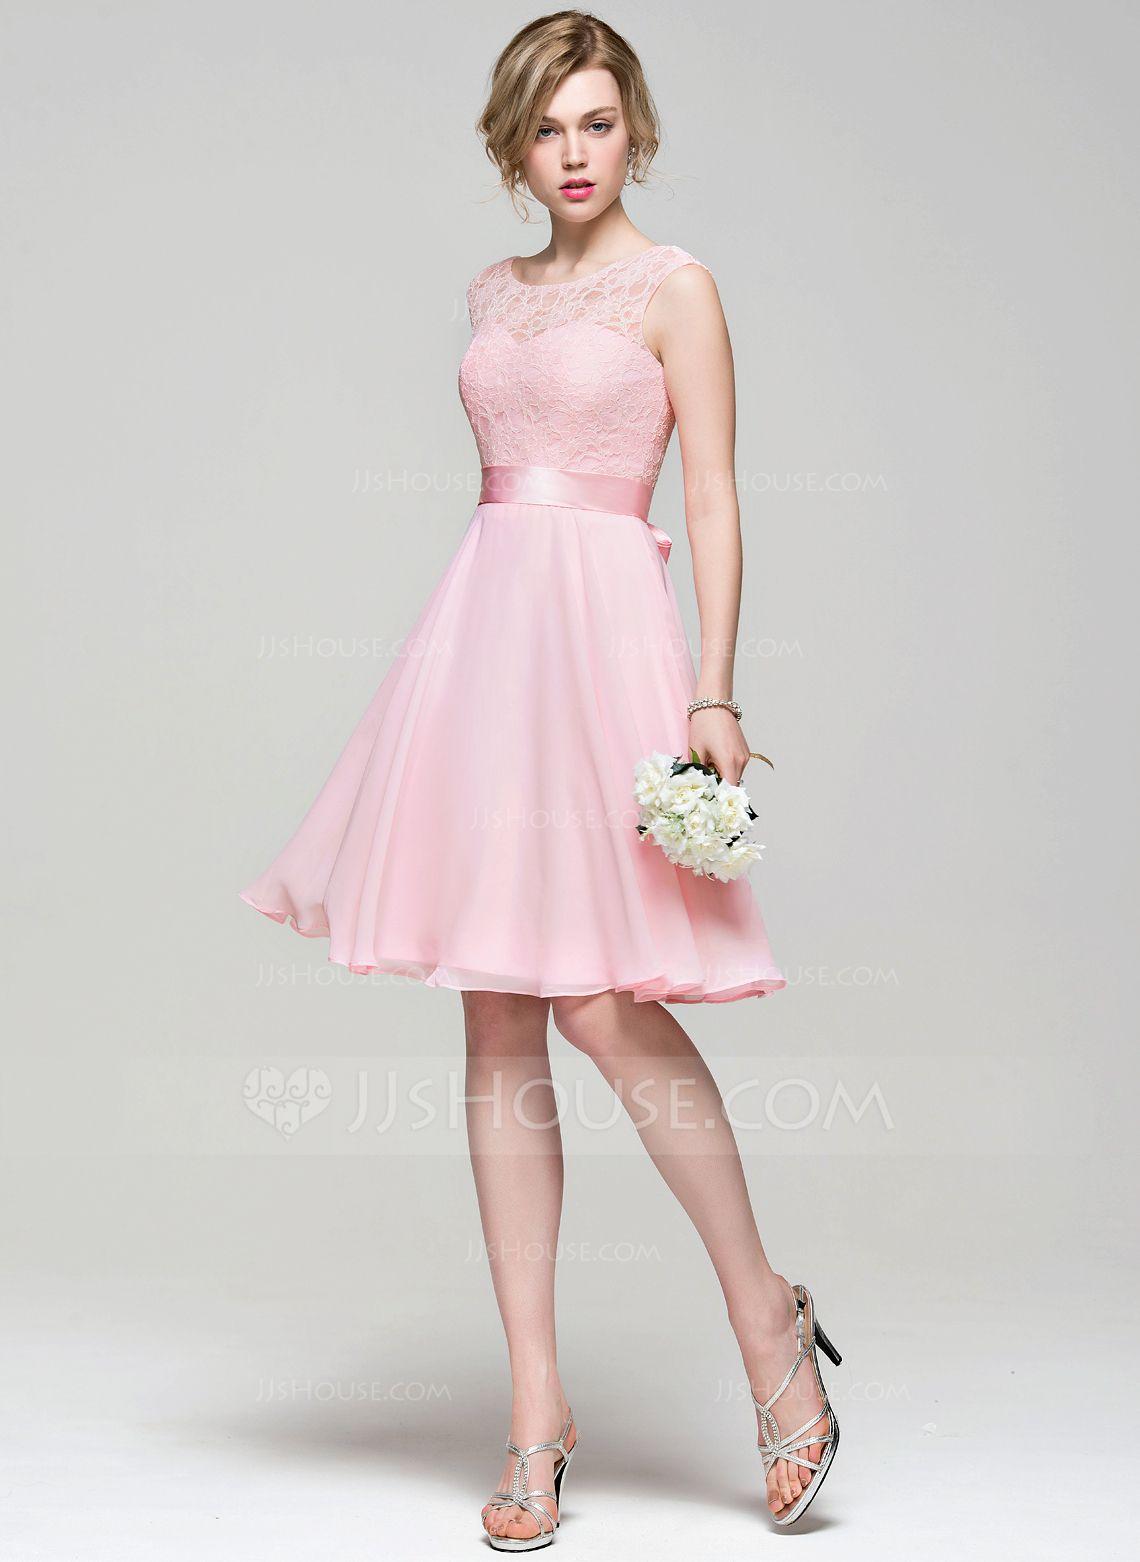 Nice dresses for wedding  JJsHouse considéré comme le premier vendeur en ligne au monde